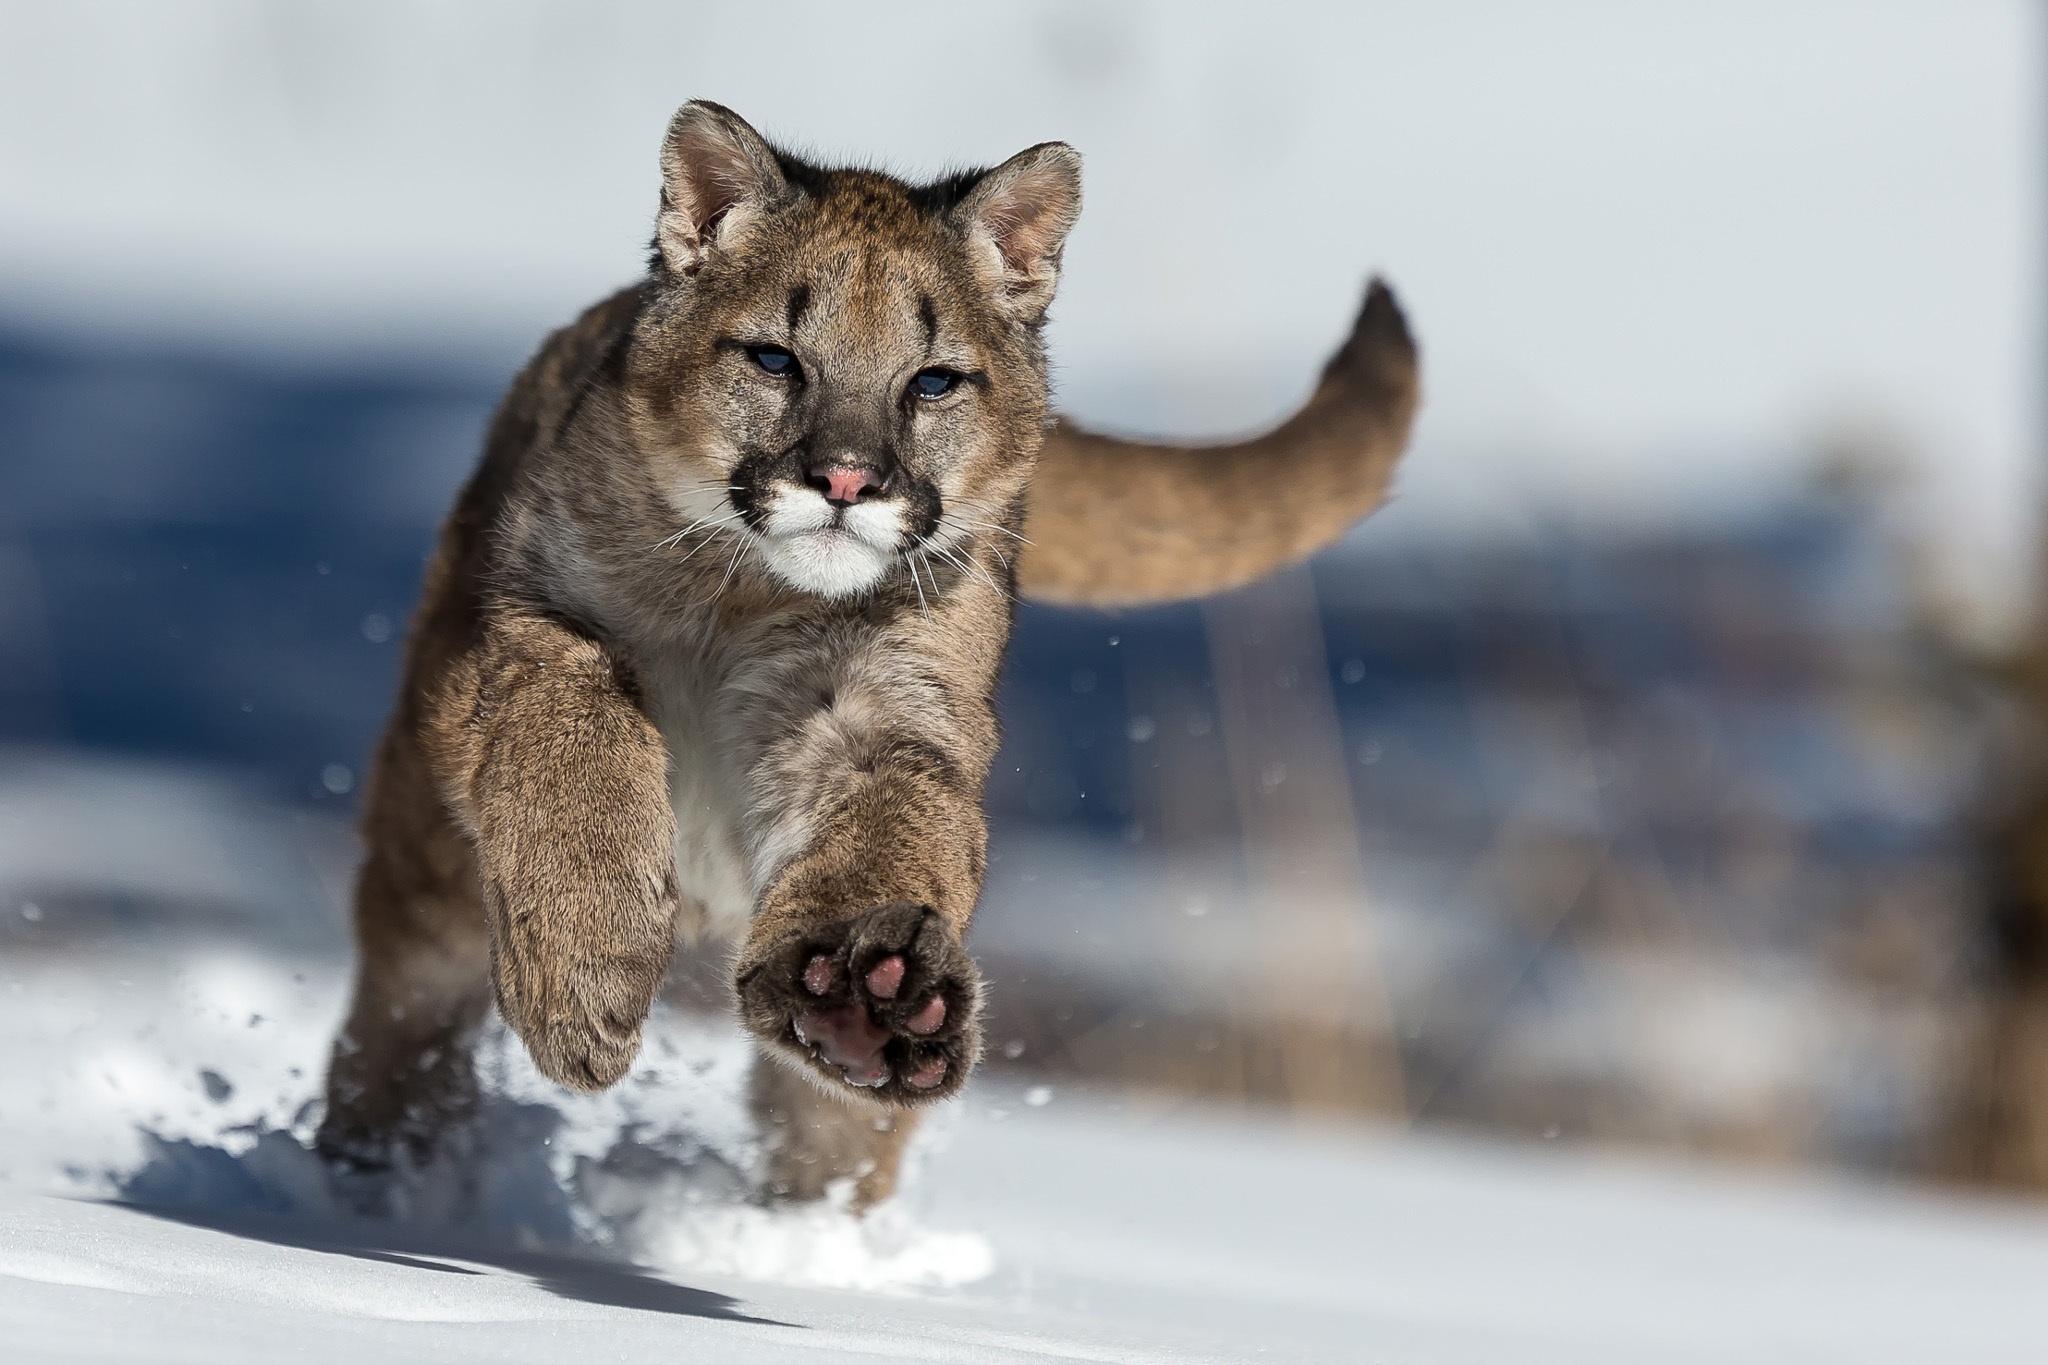 природа животные снег зима ягуар без смс